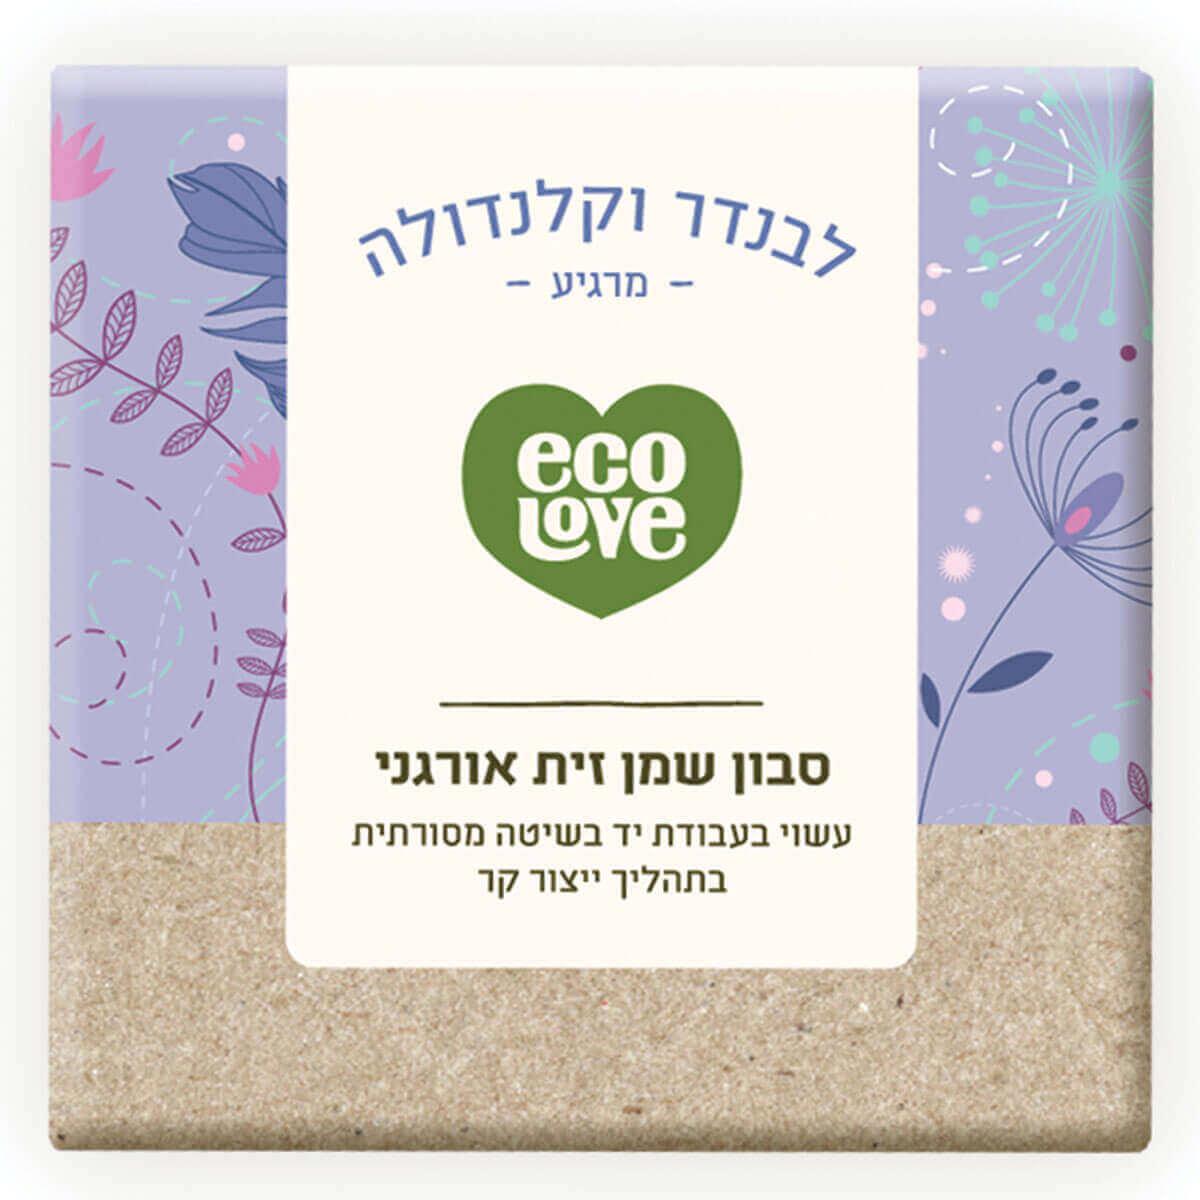 אקו לאב | סבון שמן זית אורגני, לבנדר וקלנדולה - 110 ג' ecoloveתמונה של